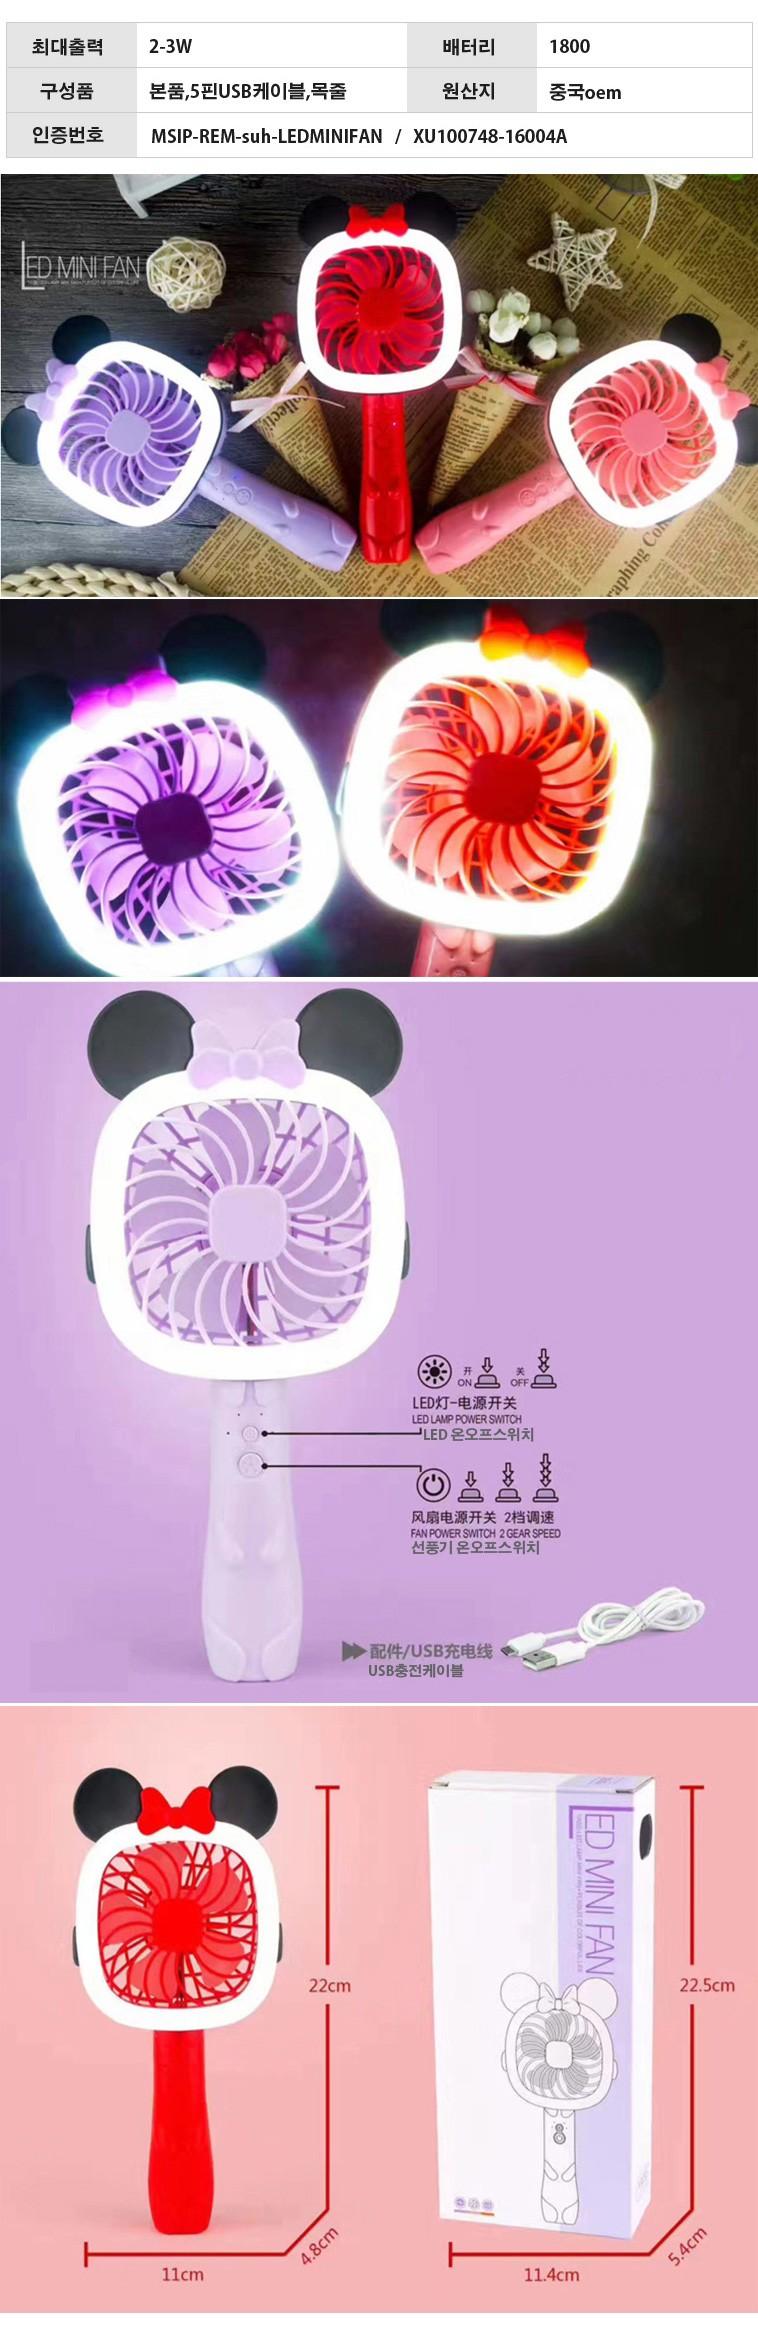 LED선풍기 미키.키티